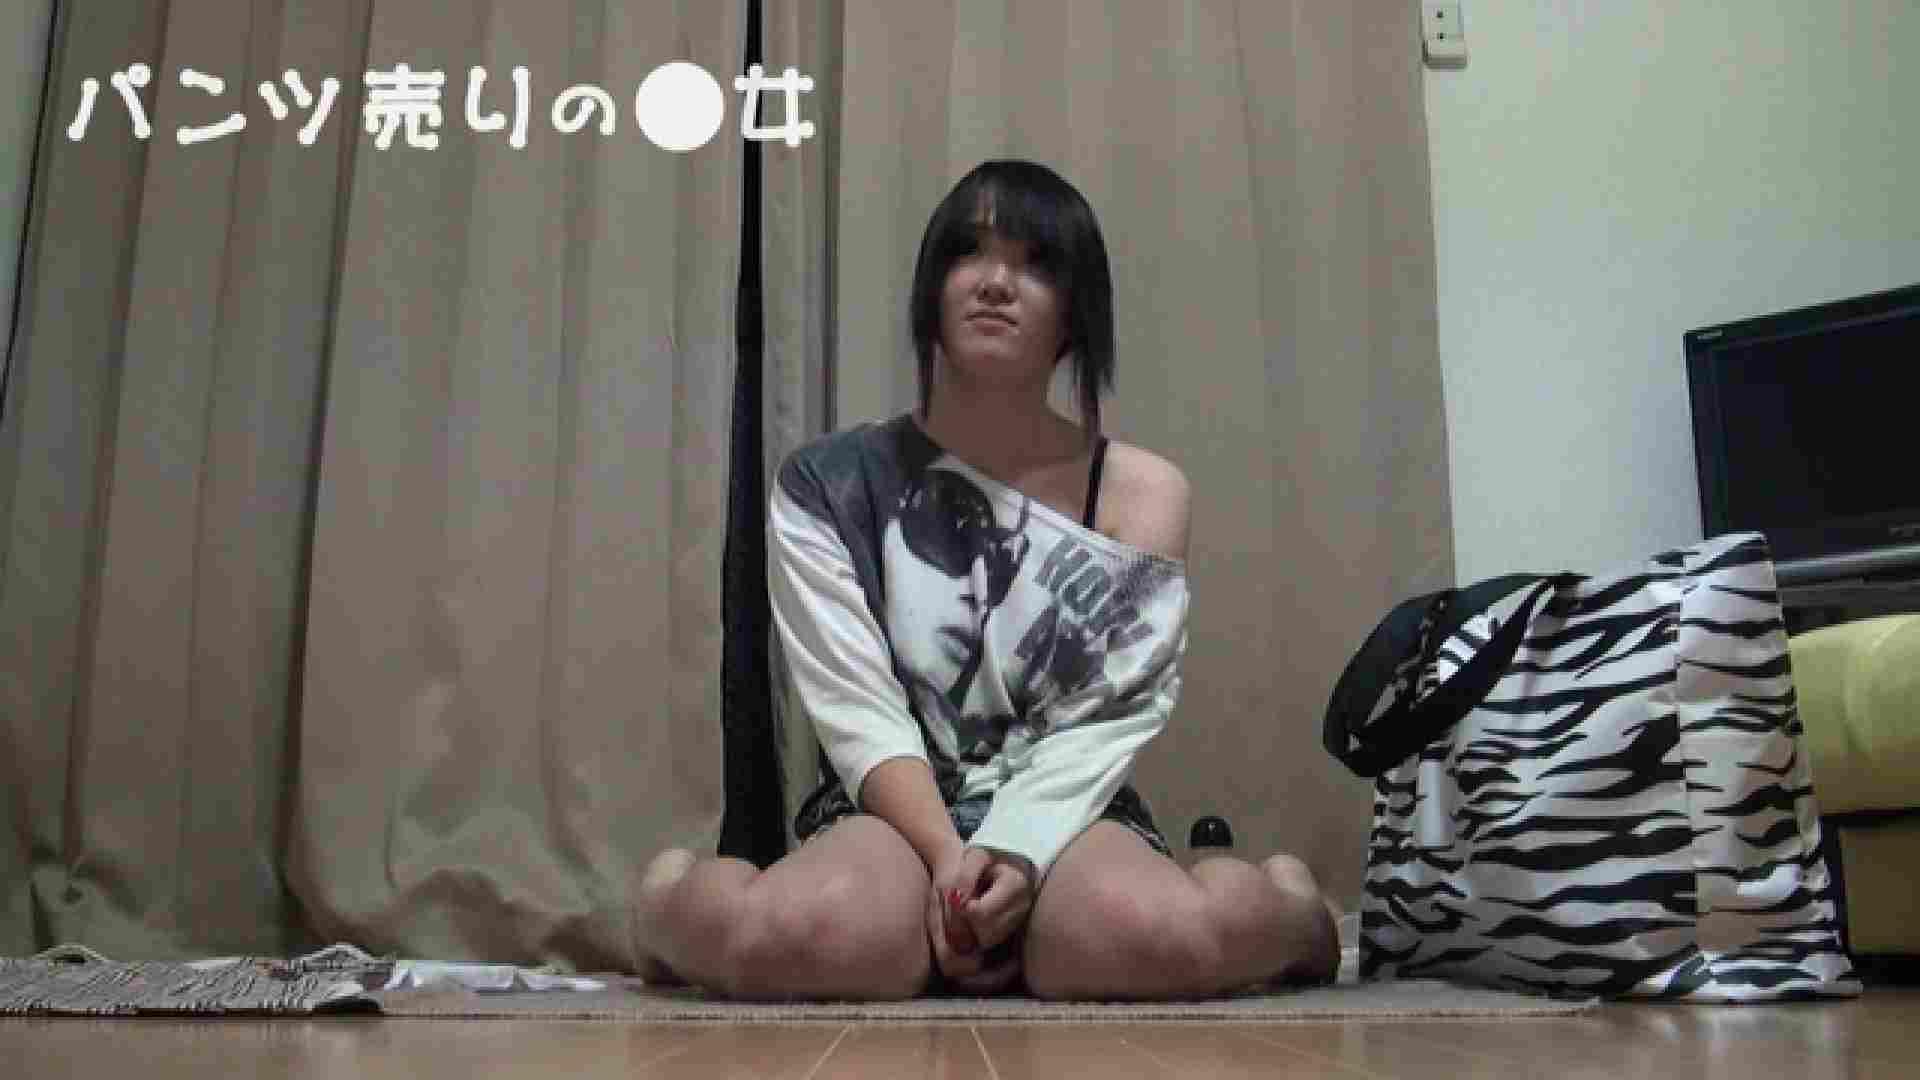 新説 パンツ売りの女の子mizuki02 一般投稿 | 0  103画像 8